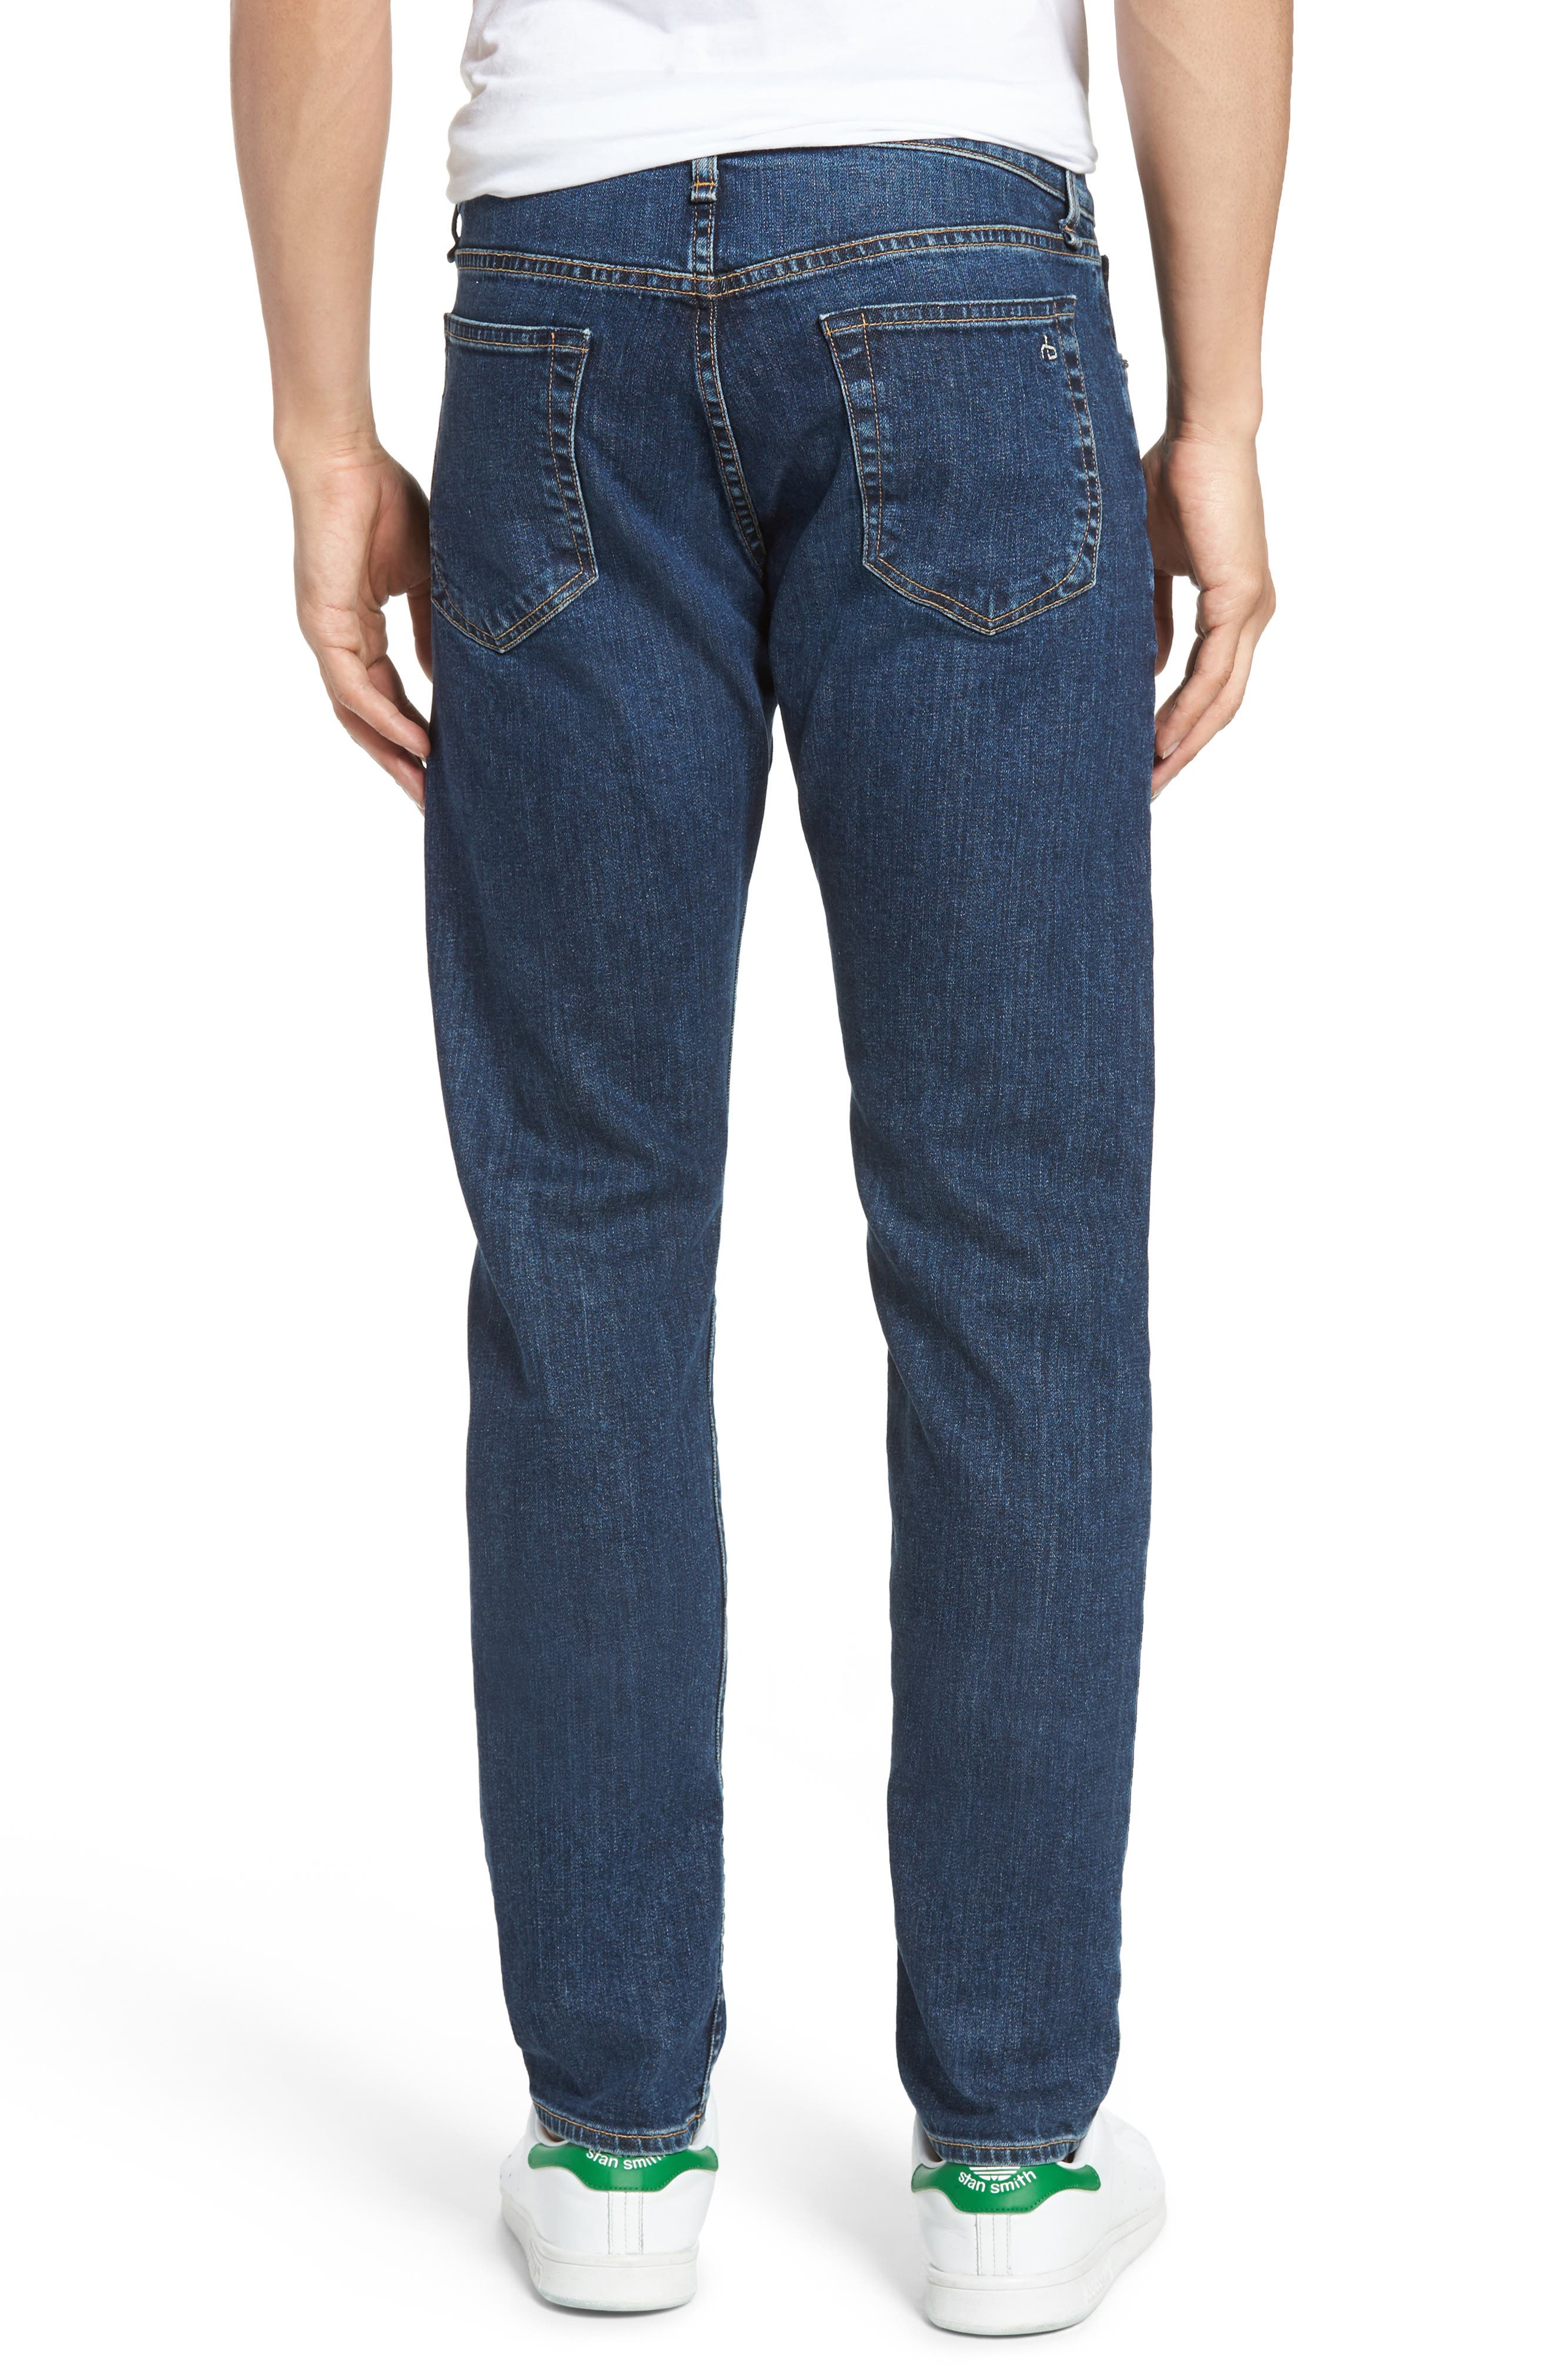 Fit 2 Slim Fit Jeans,                             Alternate thumbnail 2, color,                             Dukes